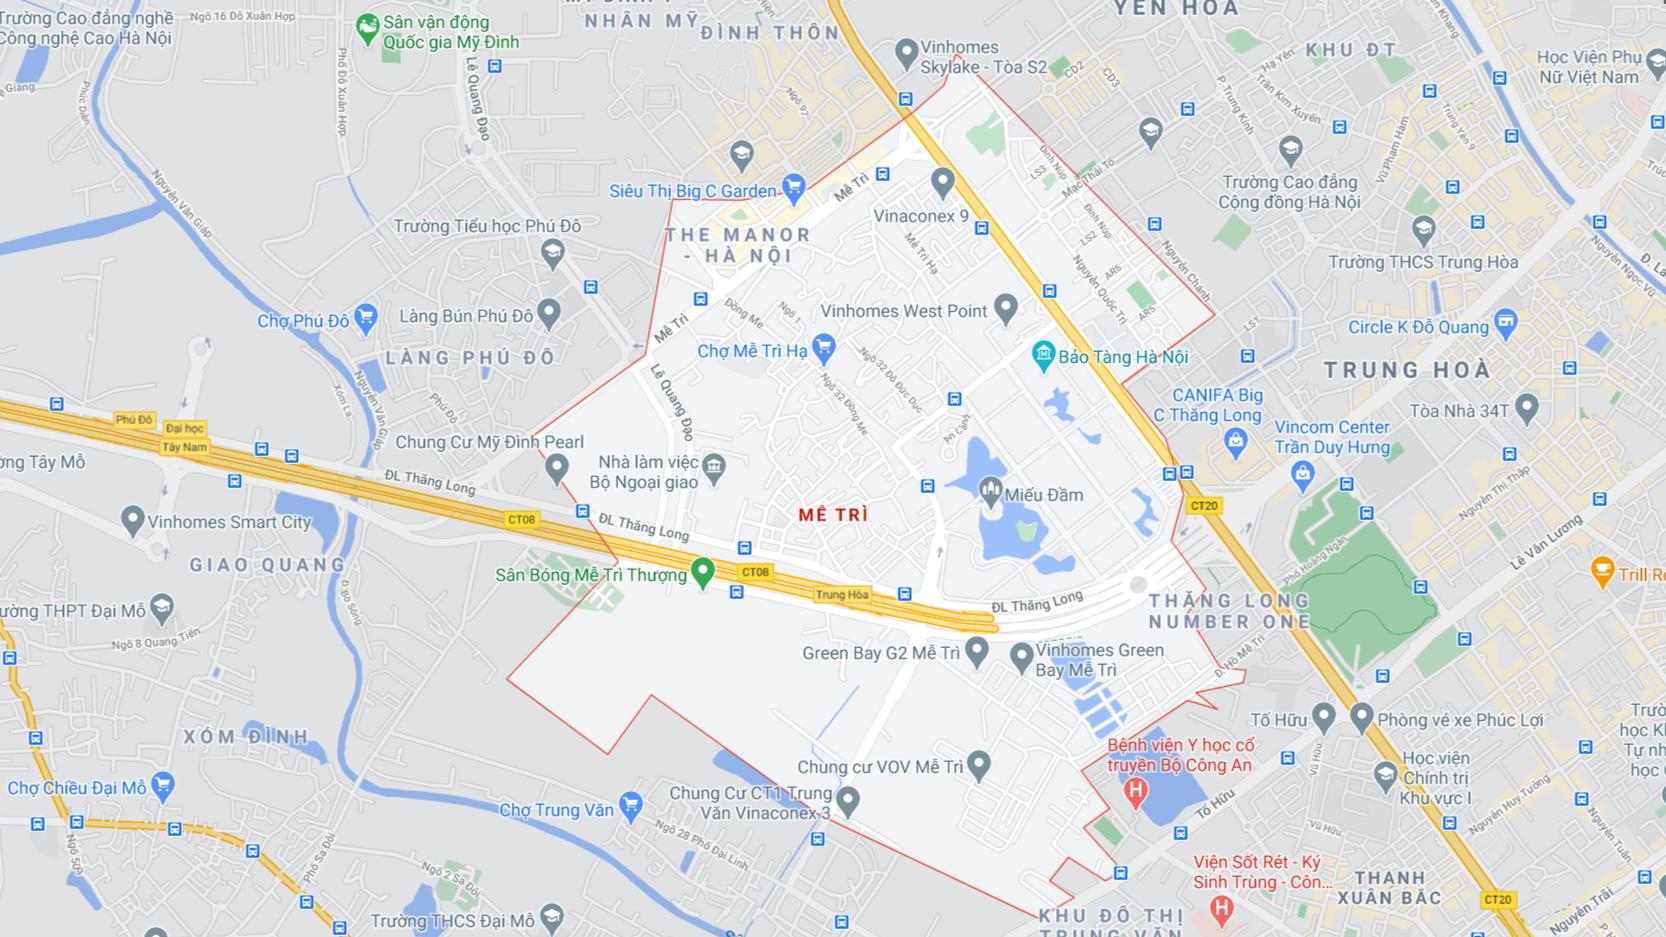 Đất dính quy hoạch phường Mễ Trì, Nam Từ Liêm, Hà Nội - Ảnh 1.